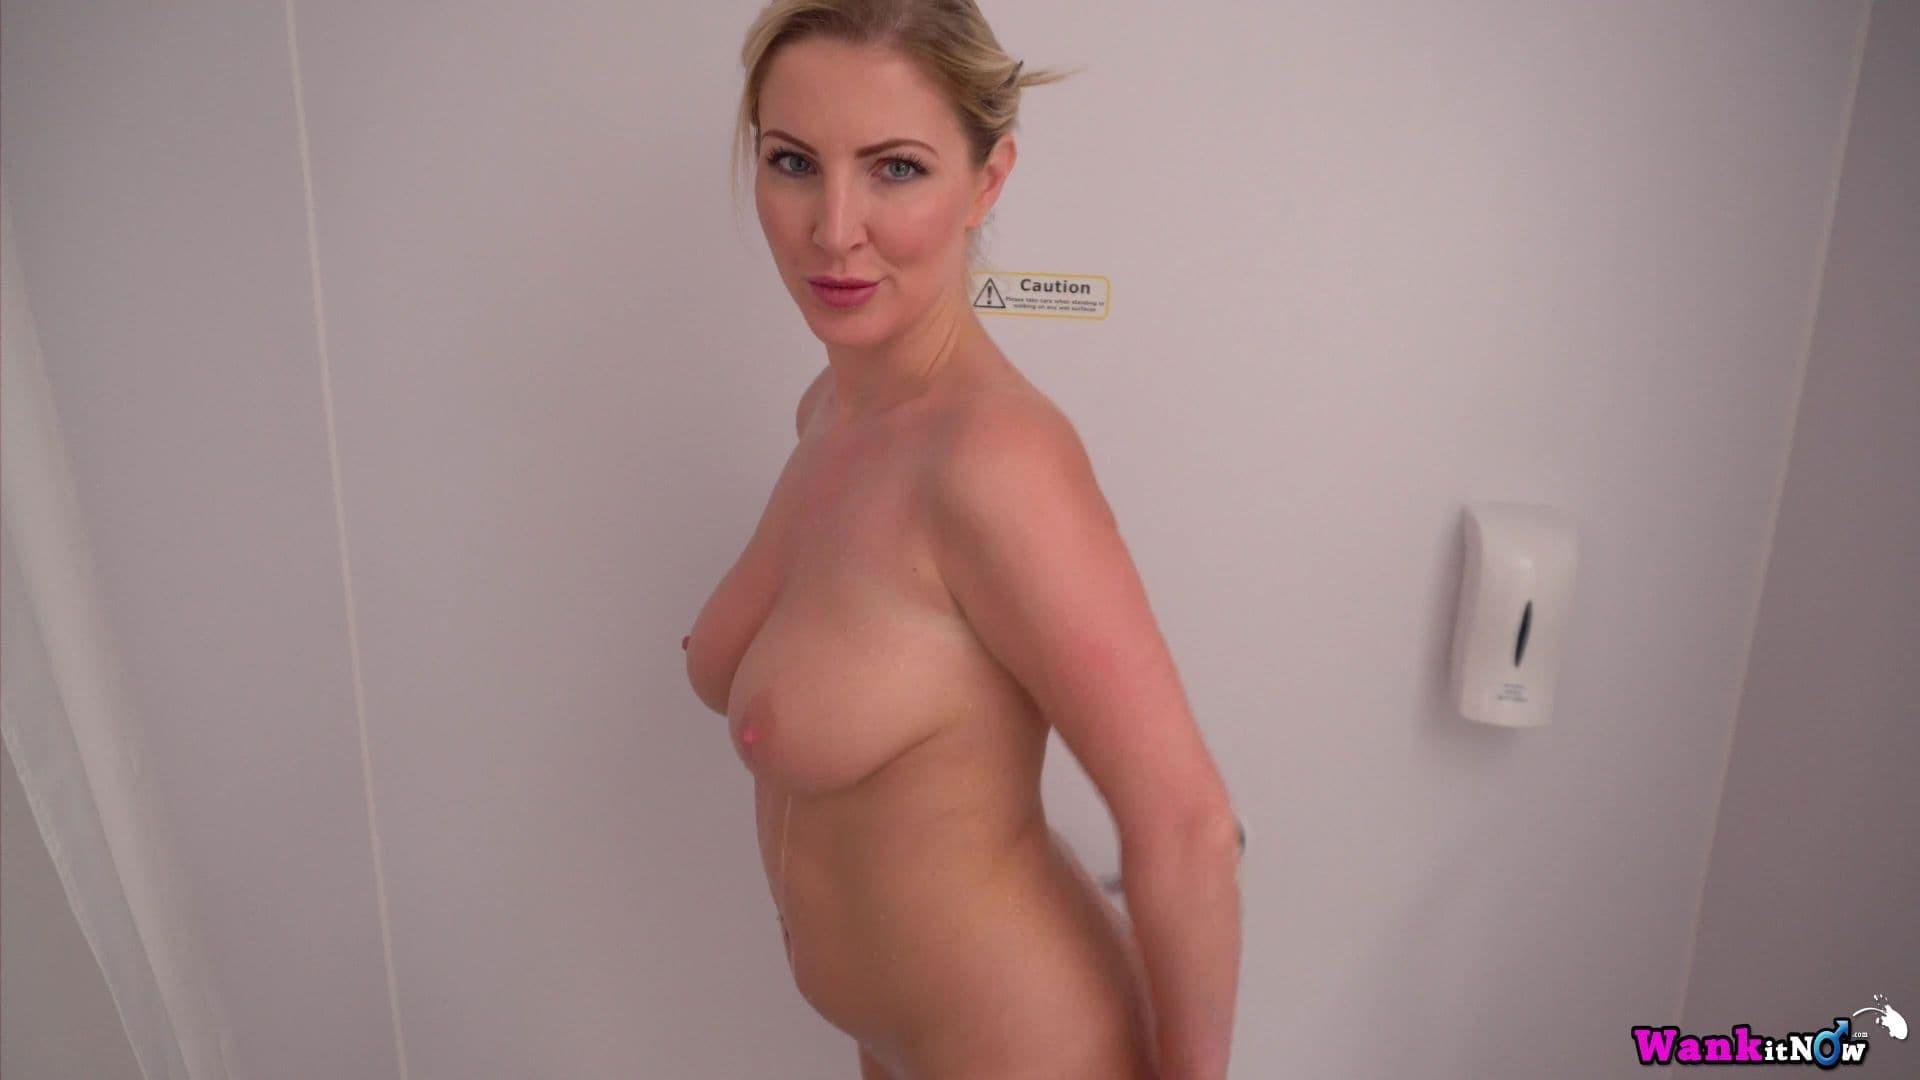 Зрелая блондинка с крупной жопой намылила письку - фото